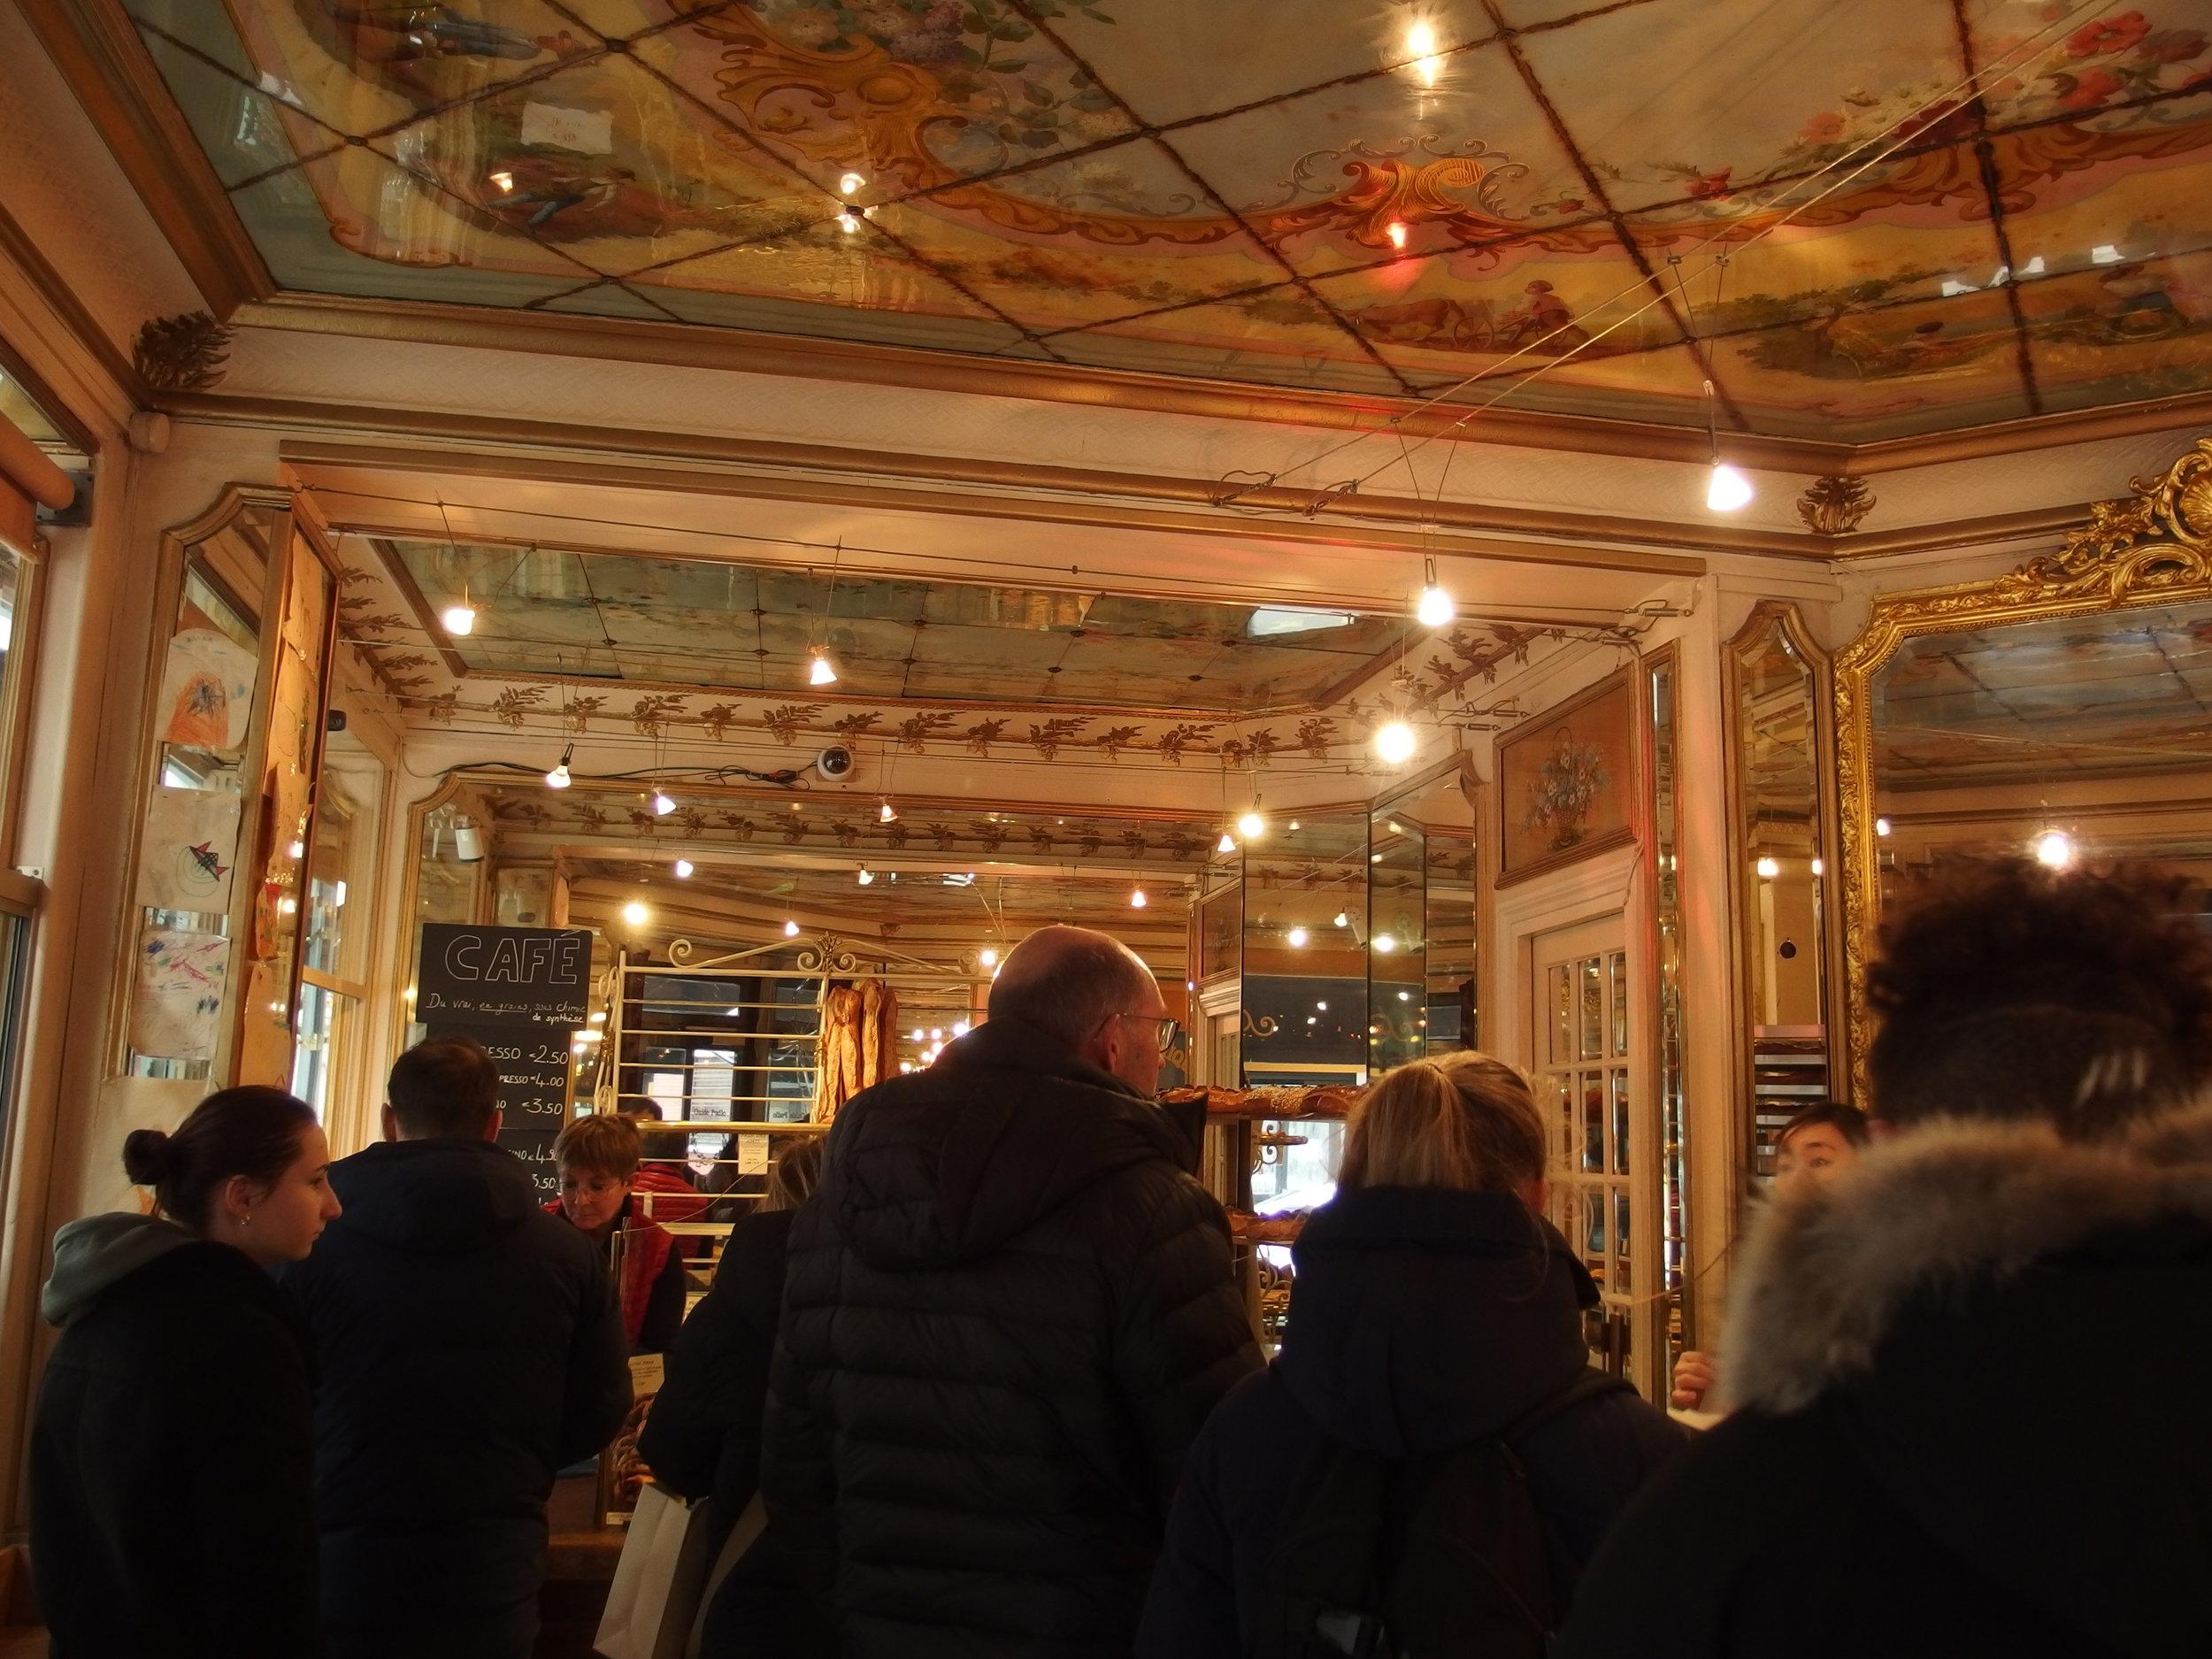 Du Pain et des Idees    いわゆるパリジェンヌの素敵な友人が、パリで一番だと太鼓判を押してくれたベーカリーなので、皆さんパリを訪れることがあれば。  美味しさはもちろんのこと、内装が凝っていて、テンションが上がるお店かと思います。